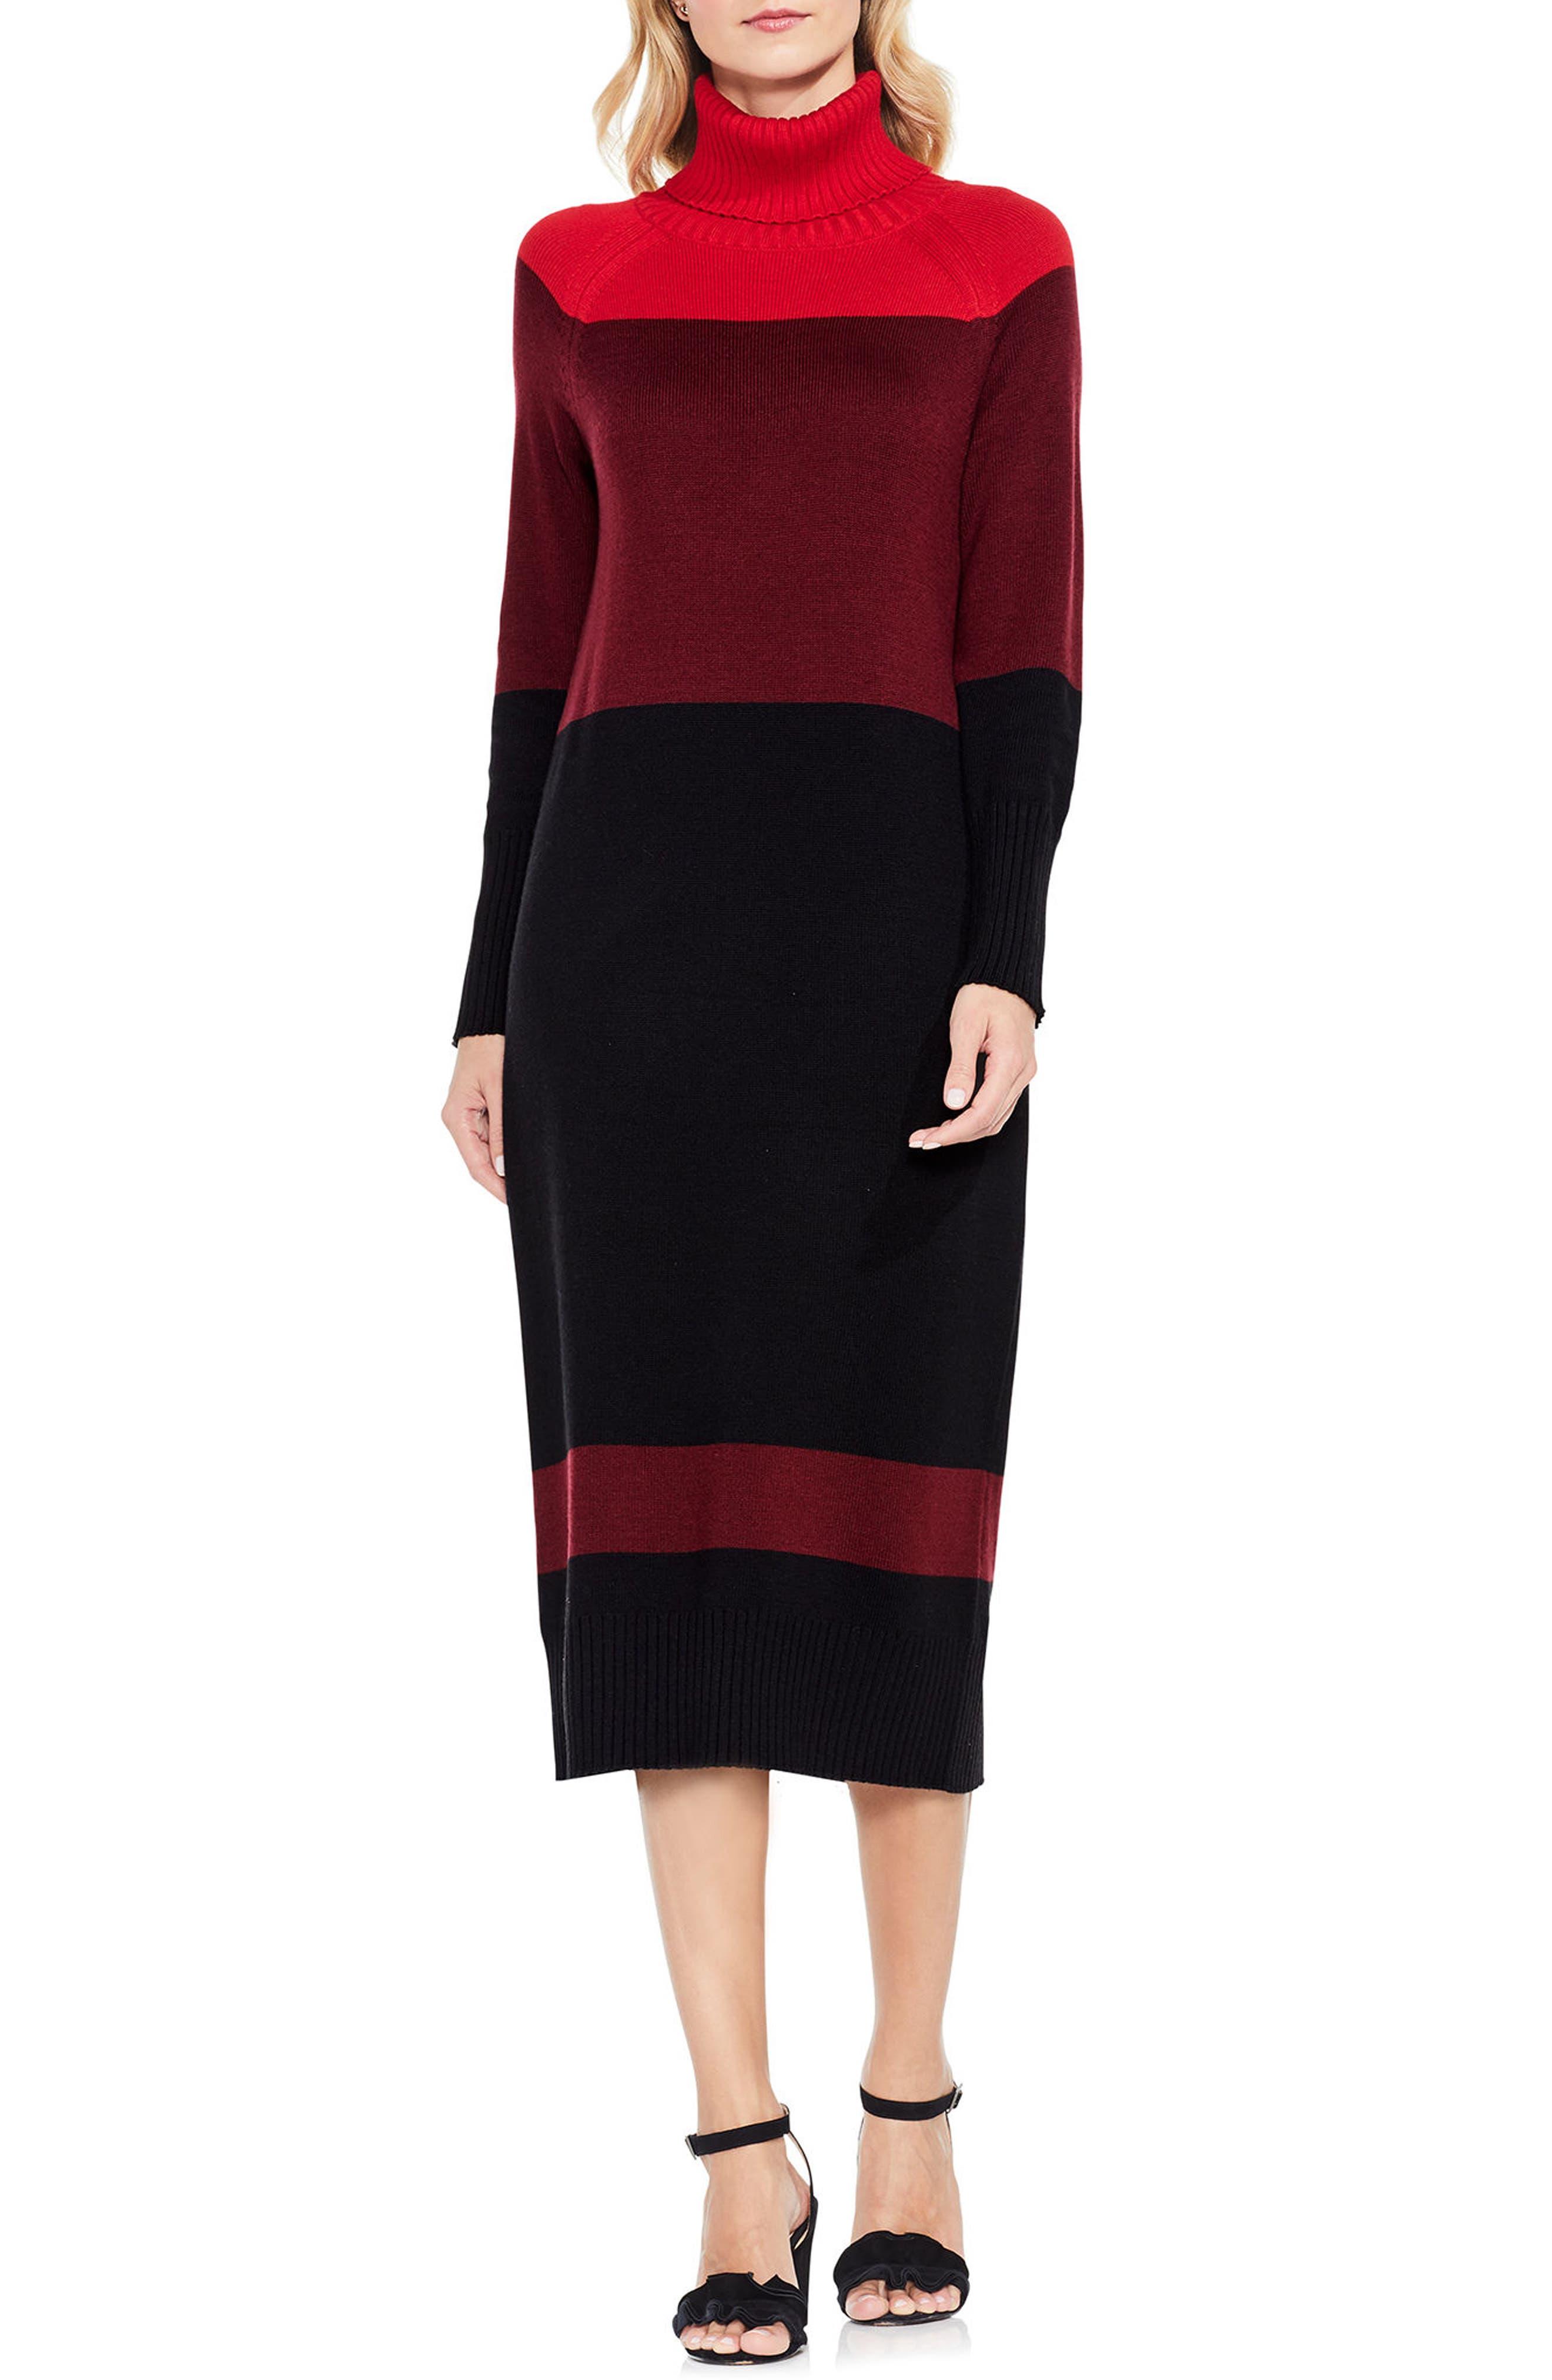 Vince Camuto Colorblock Turtleneck Sweater Dress